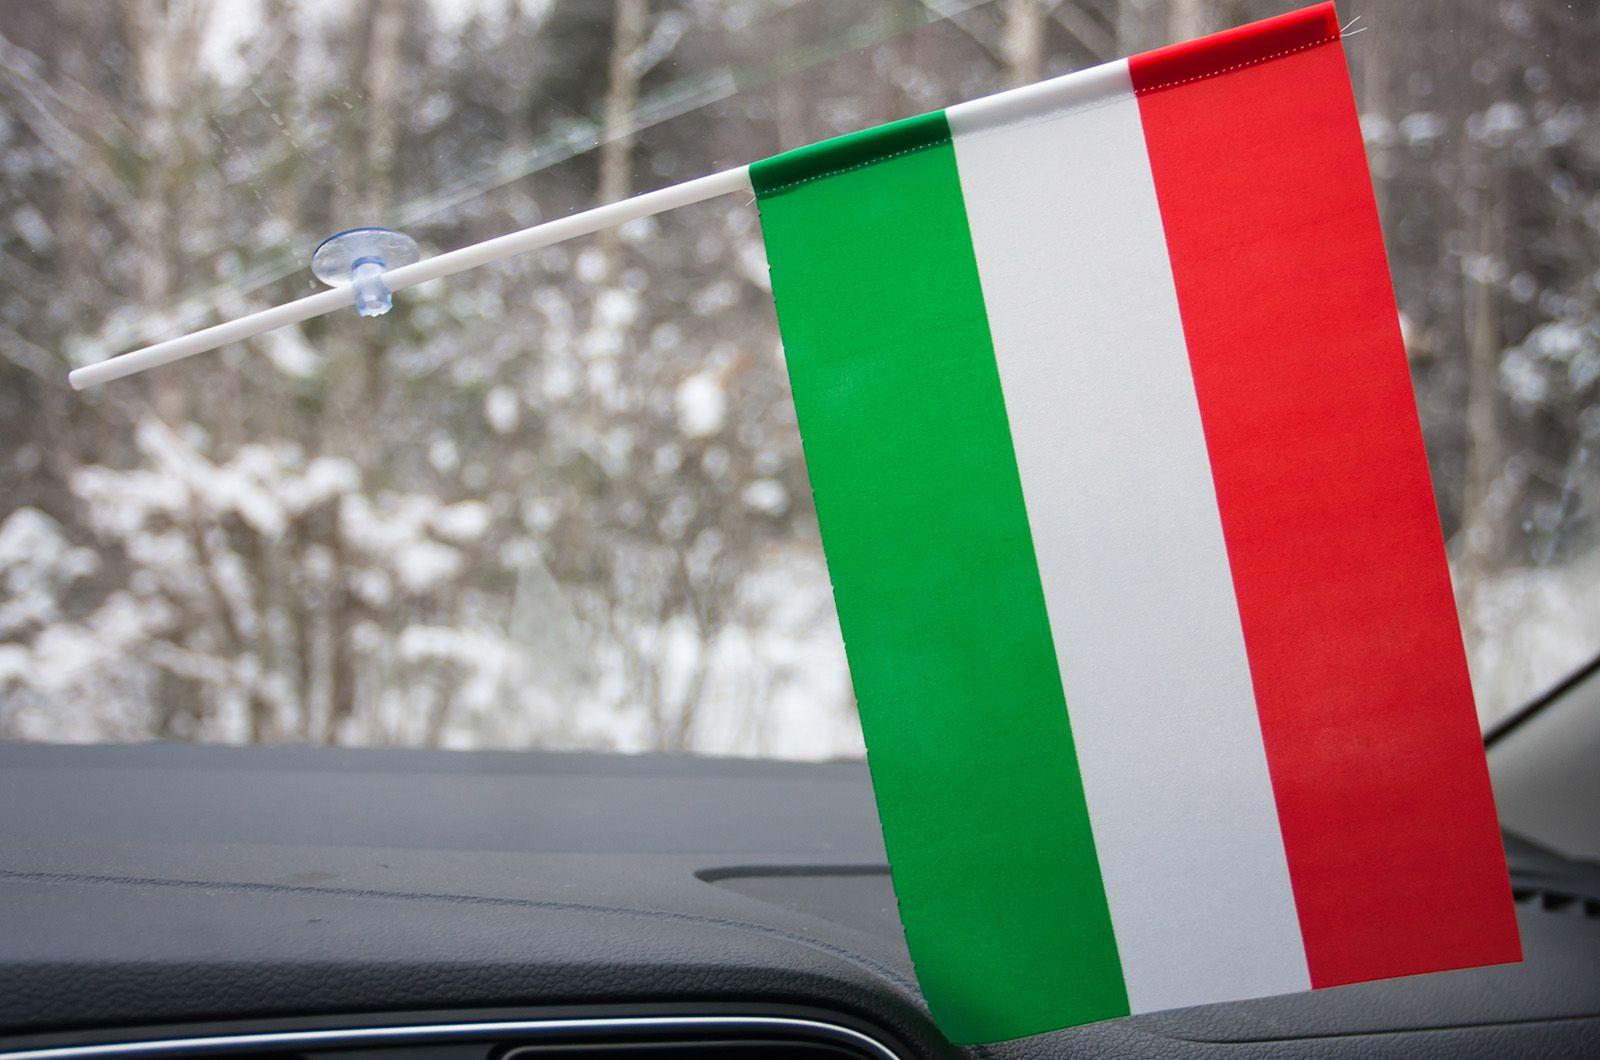 Флажок Венгрии на присоске